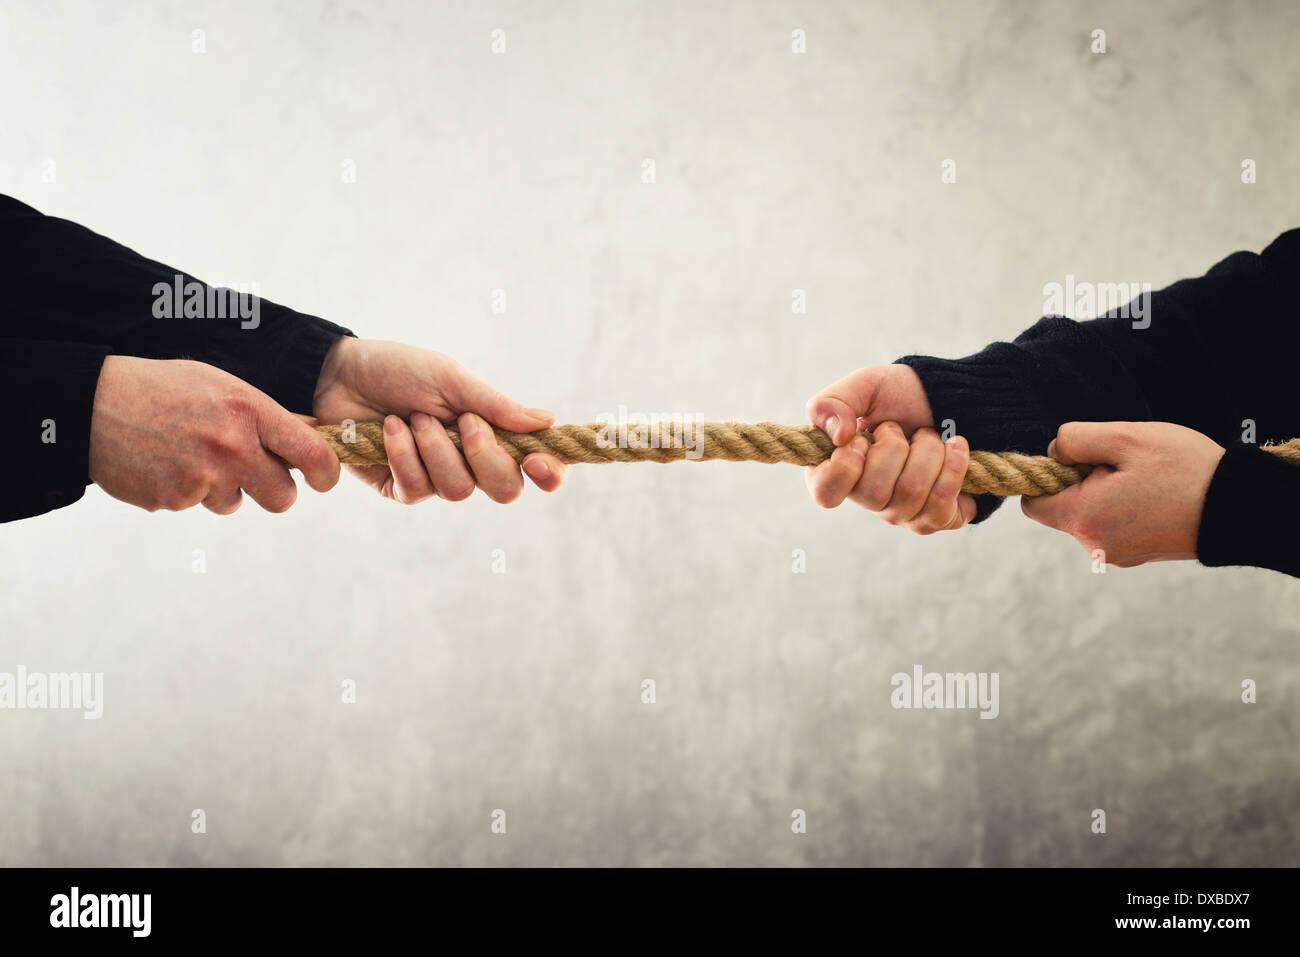 Tug Of War. Weibliche Hände Zugseil auf gegenüberliegenden Seiten. Rivalität Konzept. Stockbild